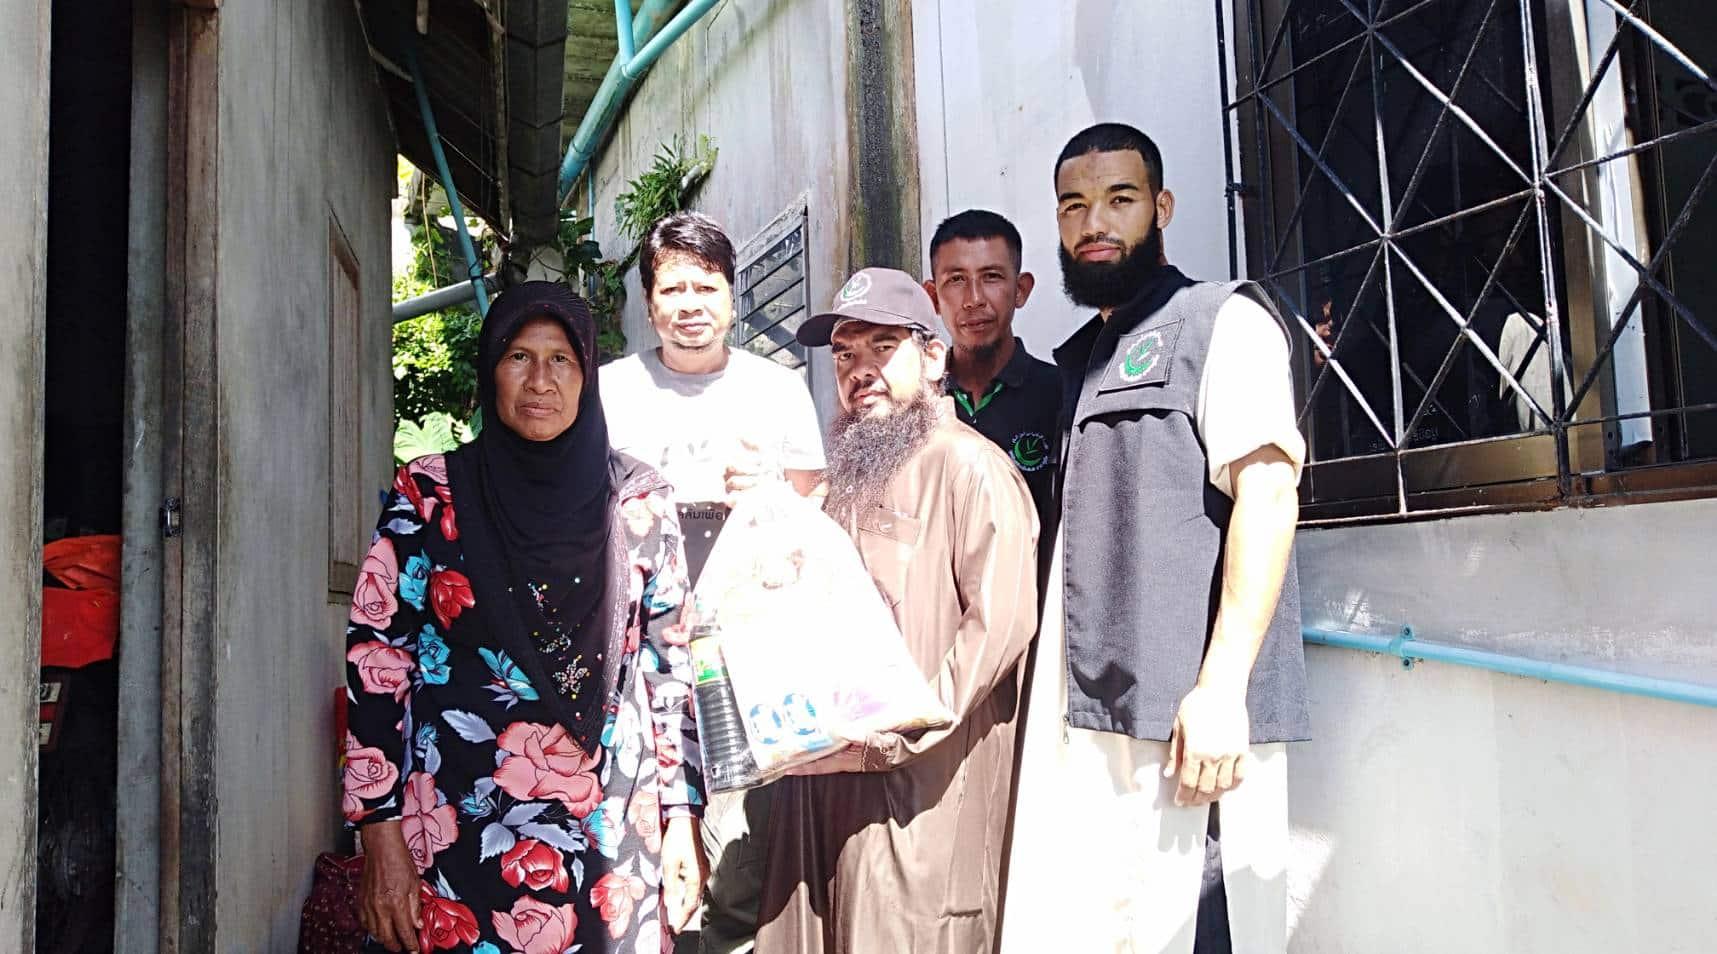 มูลนิธิมุสลิมเพื่สันติสาขาภูเก็ต ลงพื้นที่ช่วยเหลือครอบครัวยากไร้